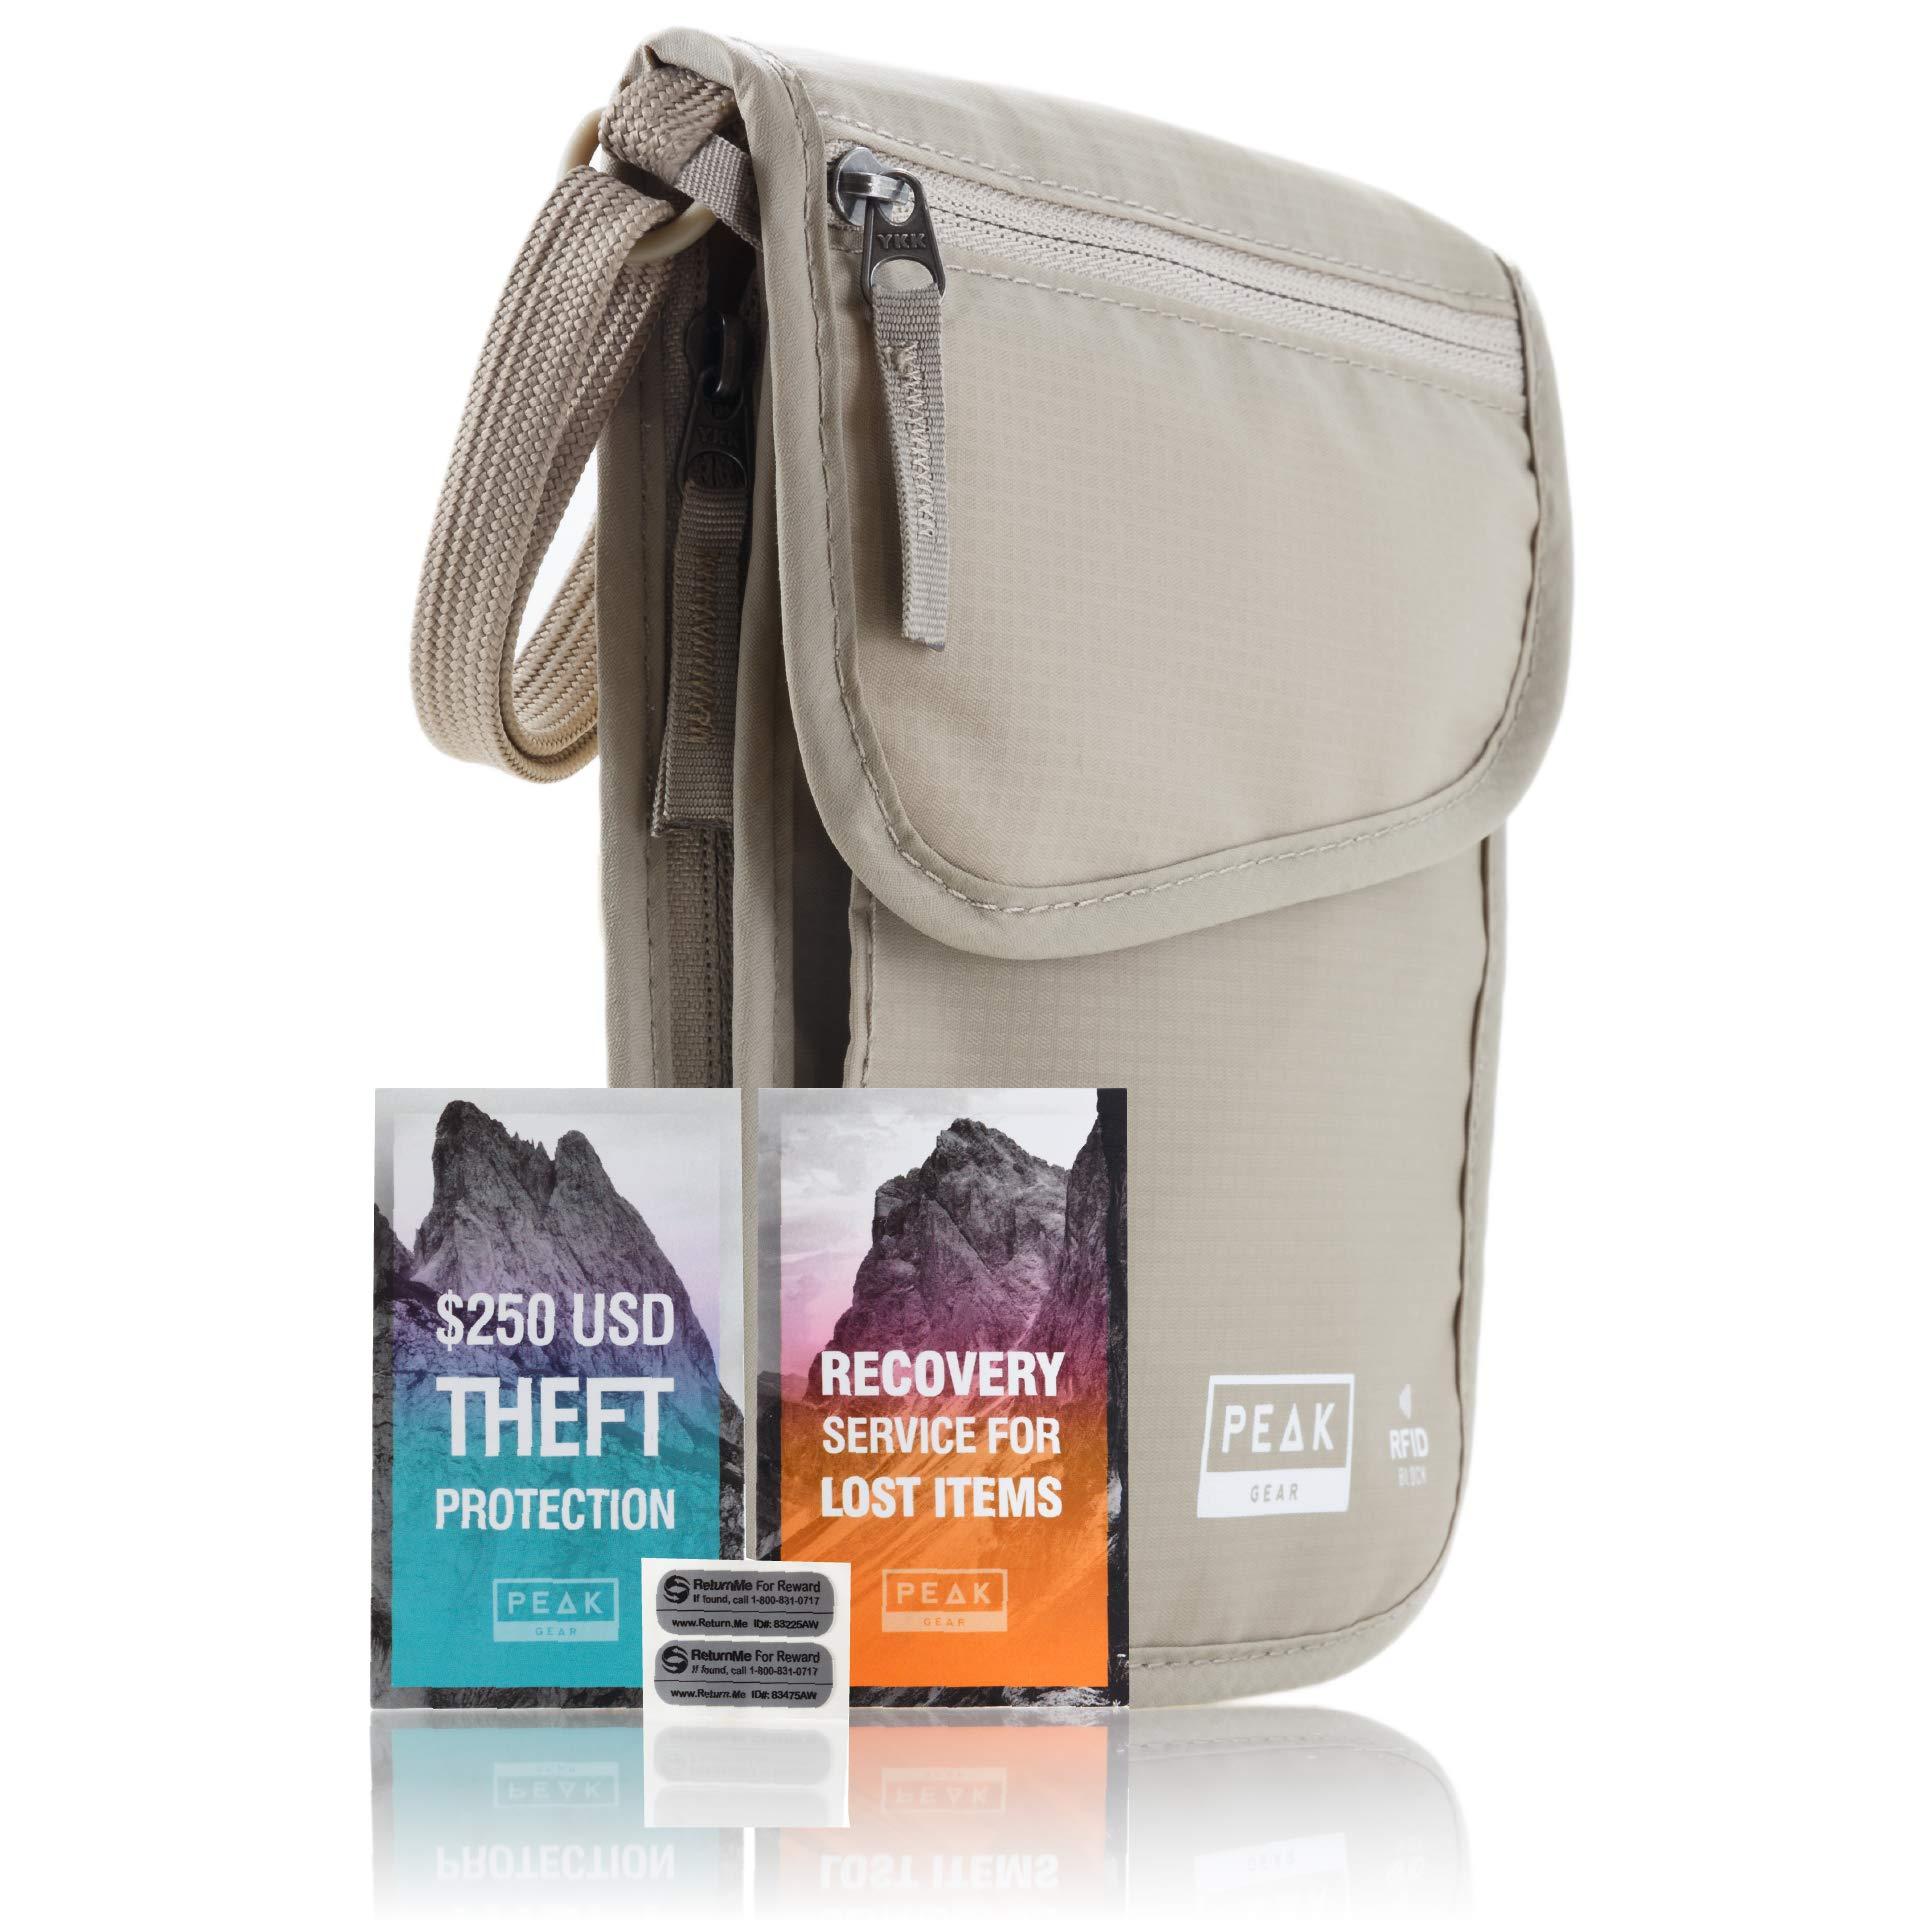 Neck Wallet & Hidden Passport Holder - RFID w/Theft Insurance and Lost & Found Service by Peak Gear